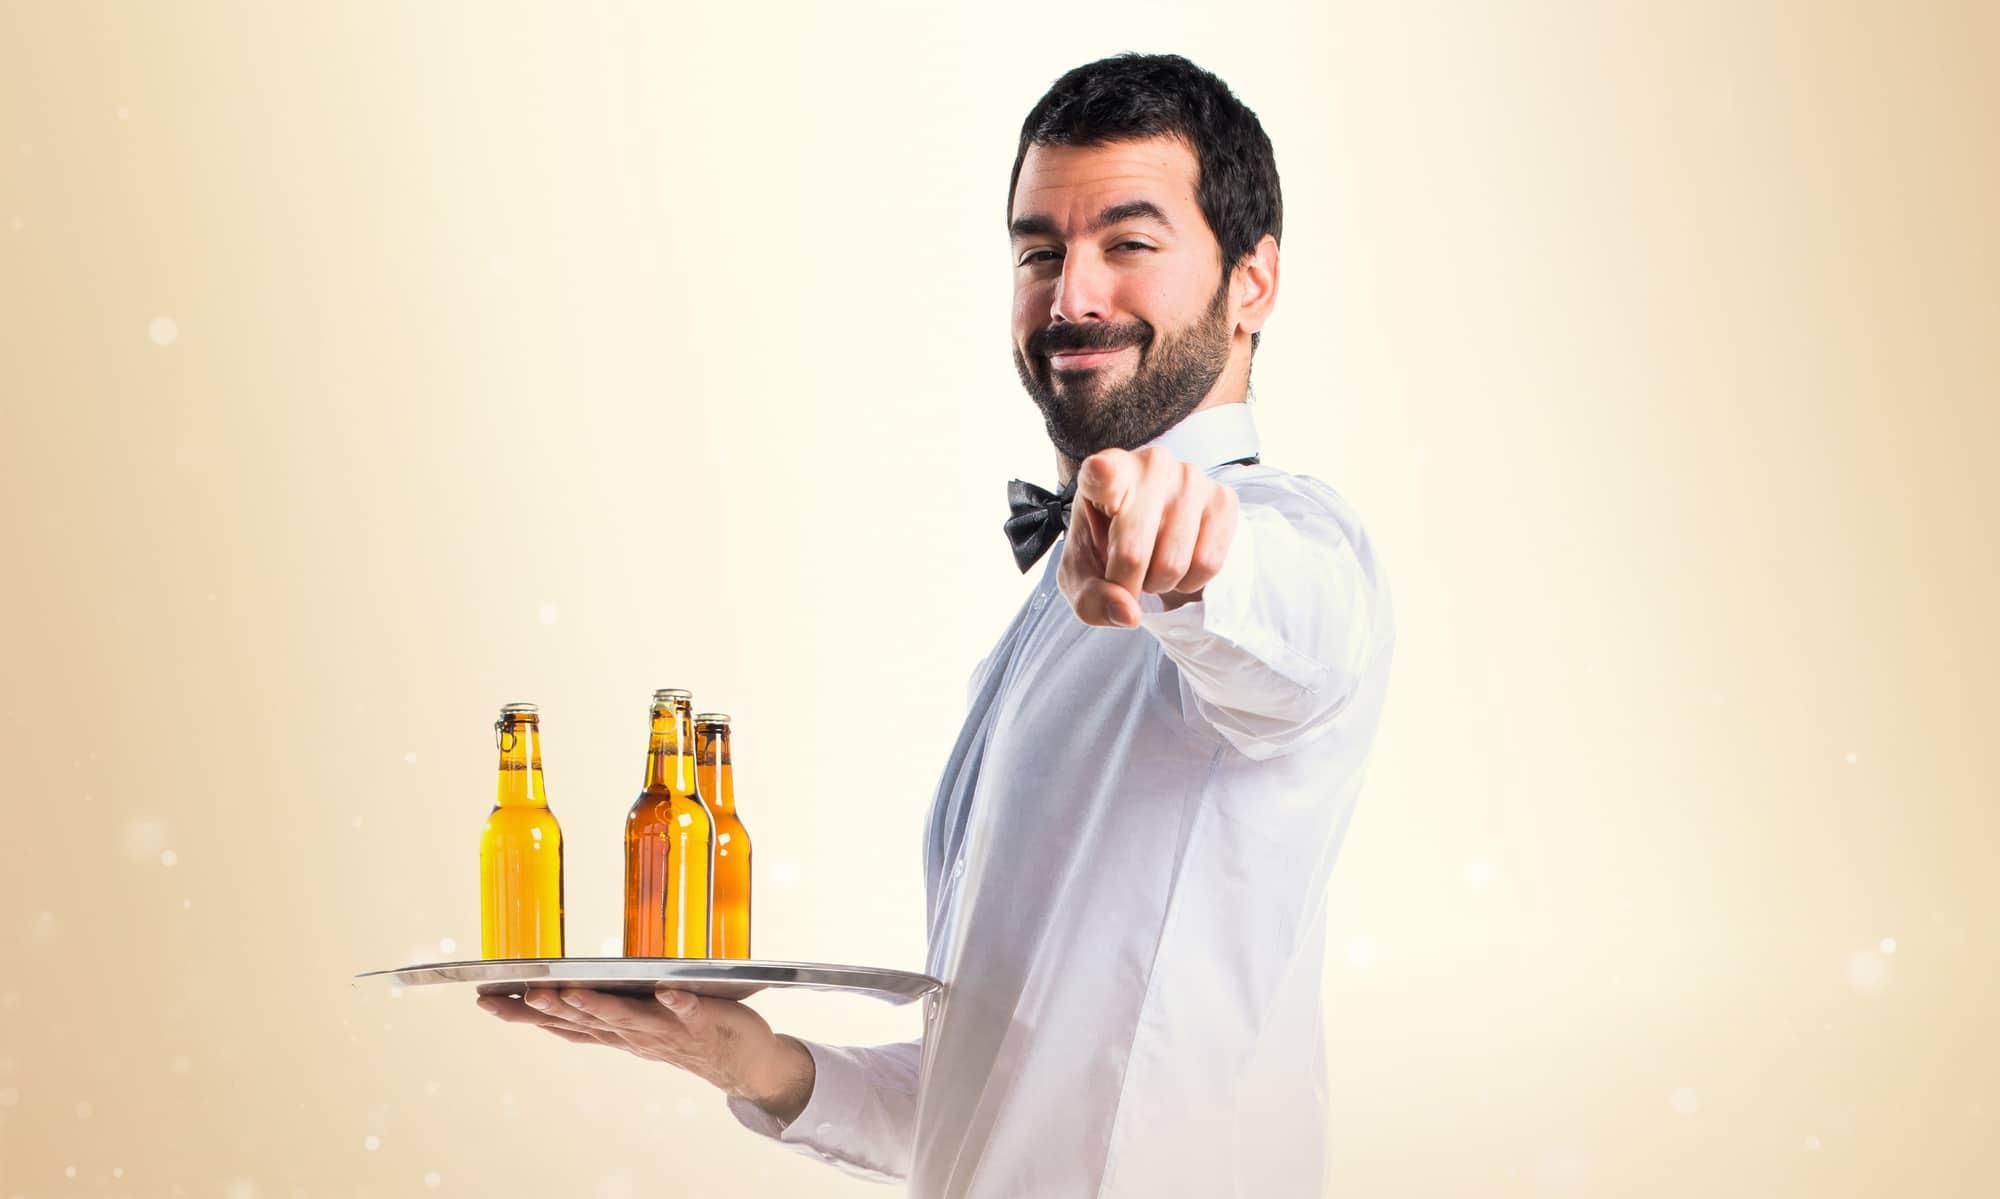 איזה בירה אתם?